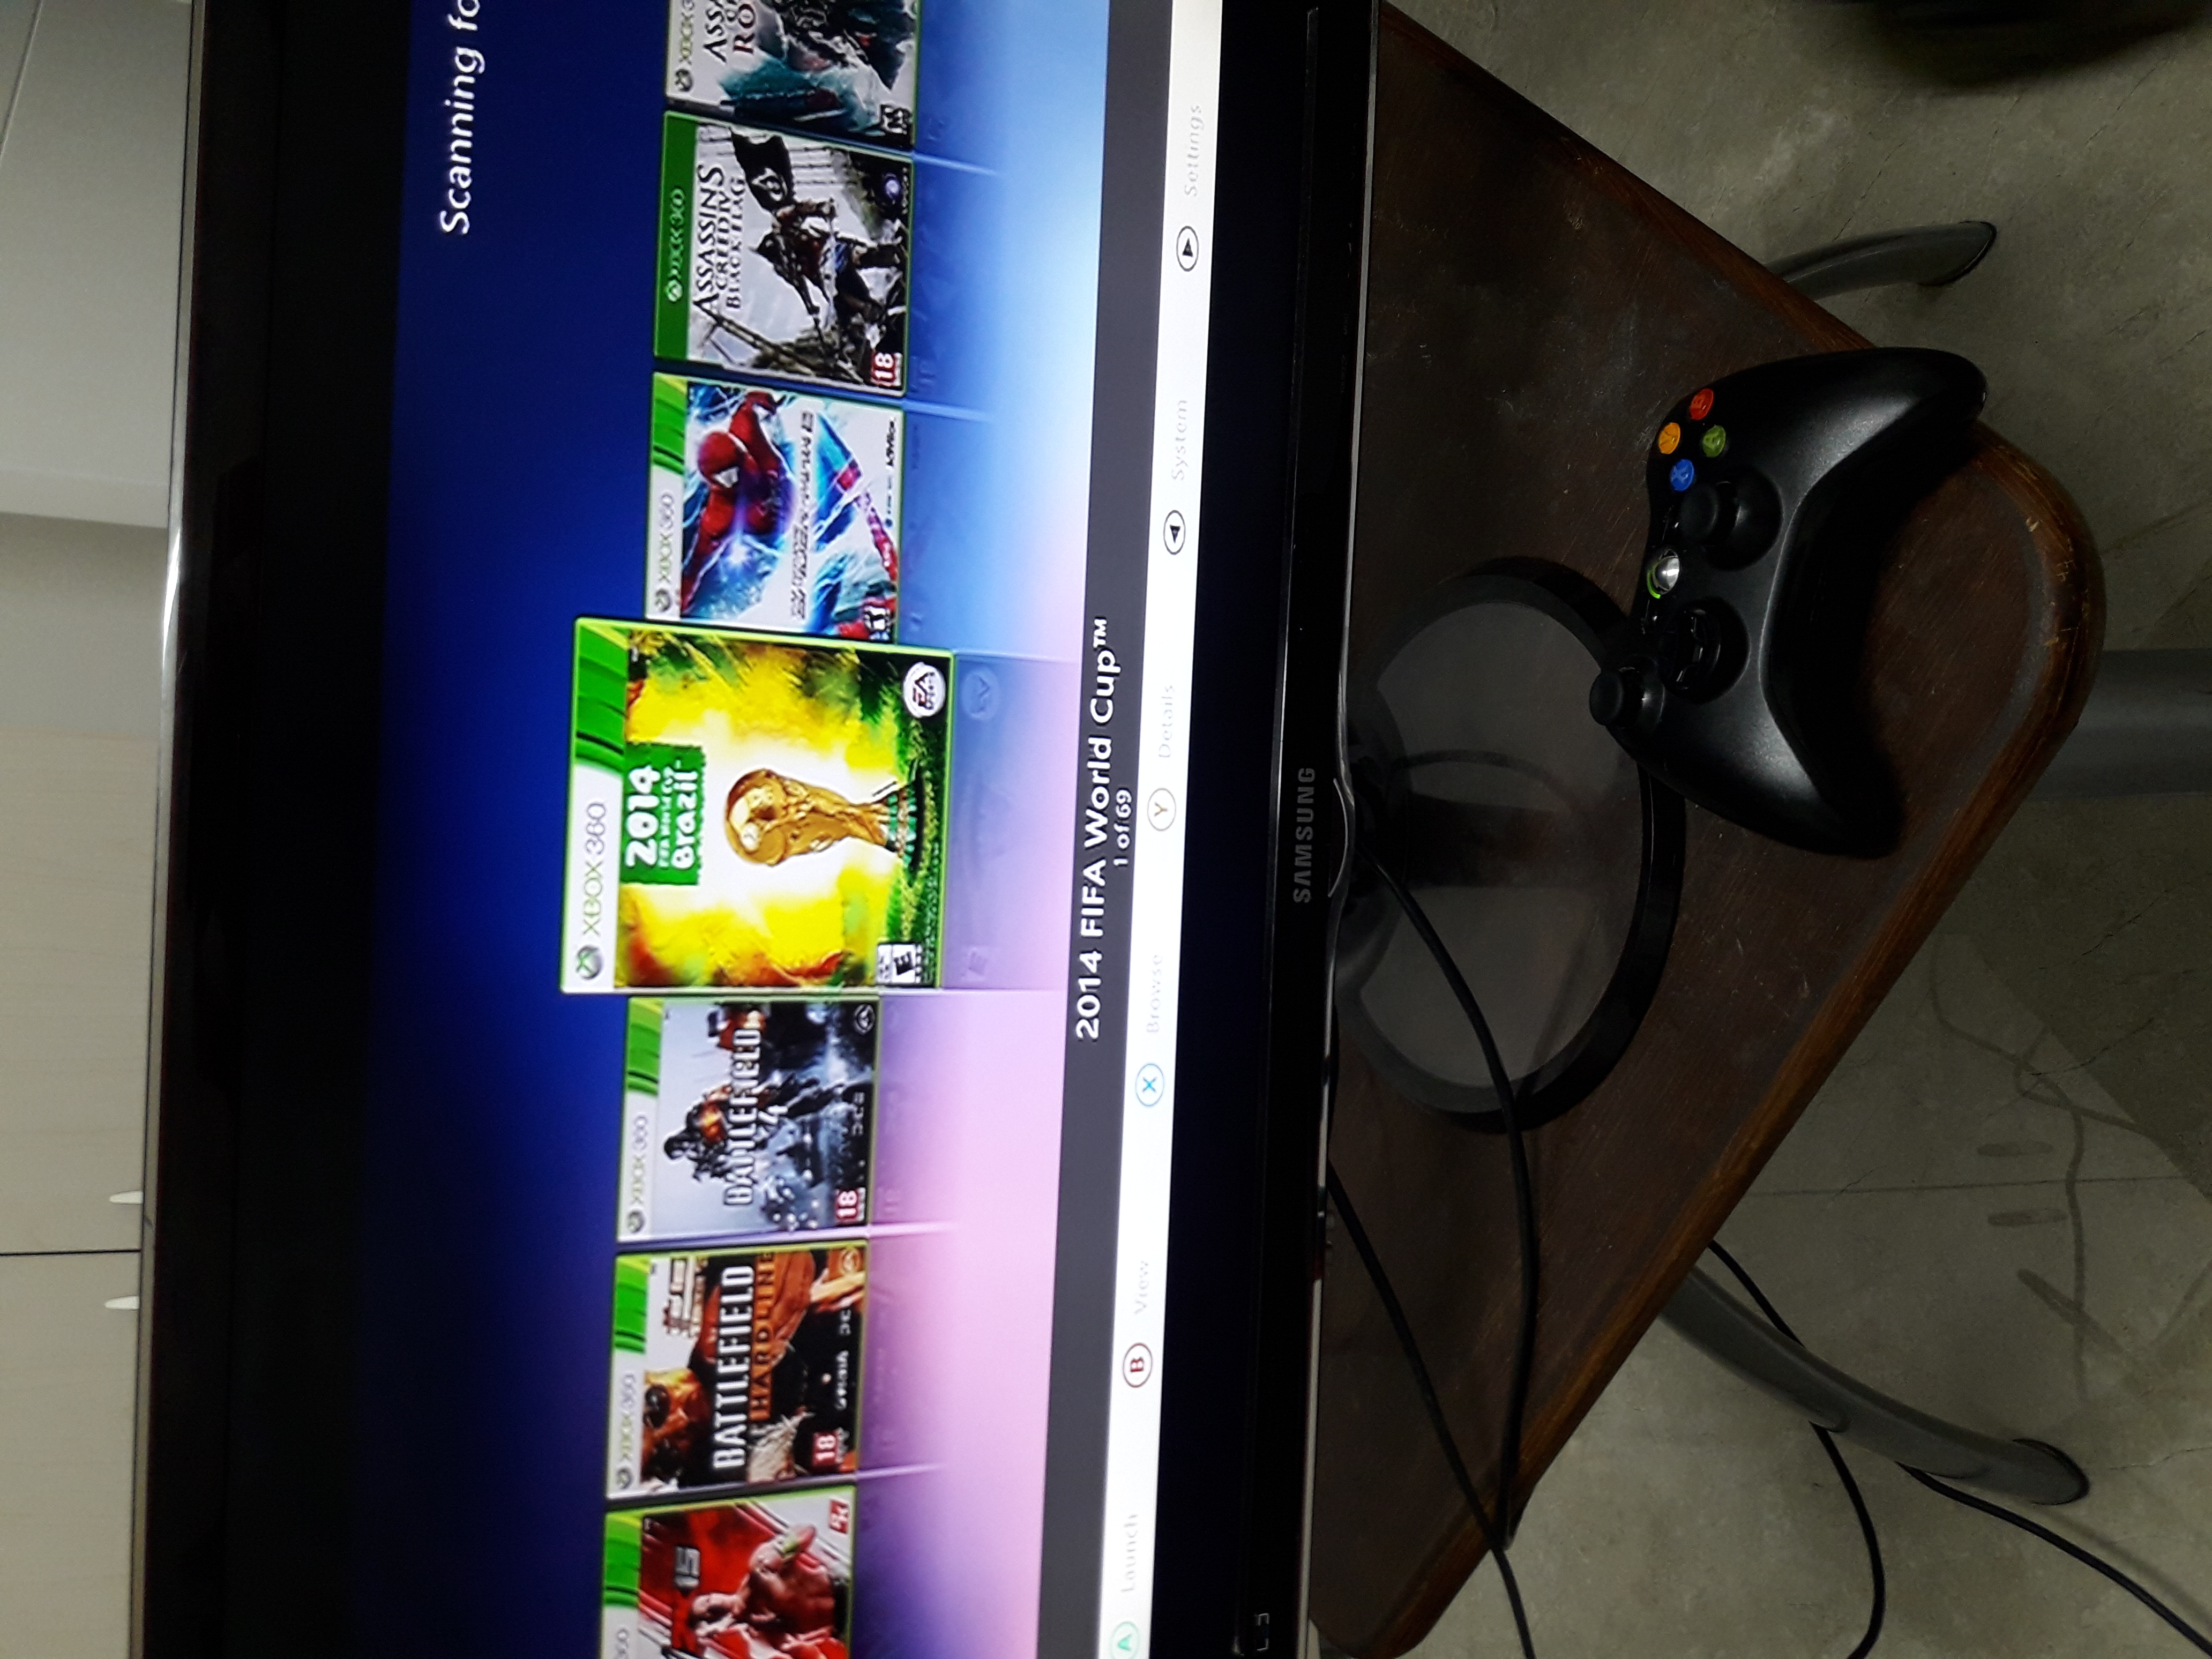 אולטרה מידי איך מורידים משחקים Xbox 360 פרוץ? - FXP LW-11